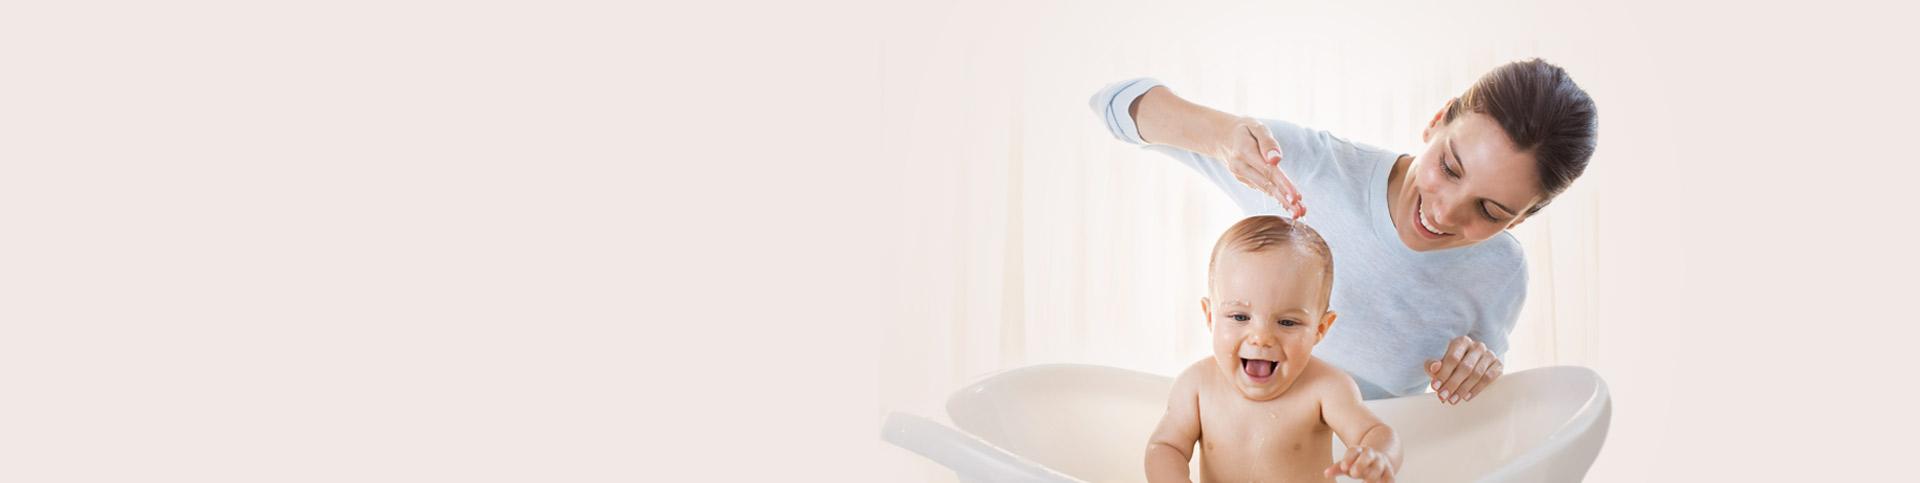 Mamá bañando a su bebé en la bañera